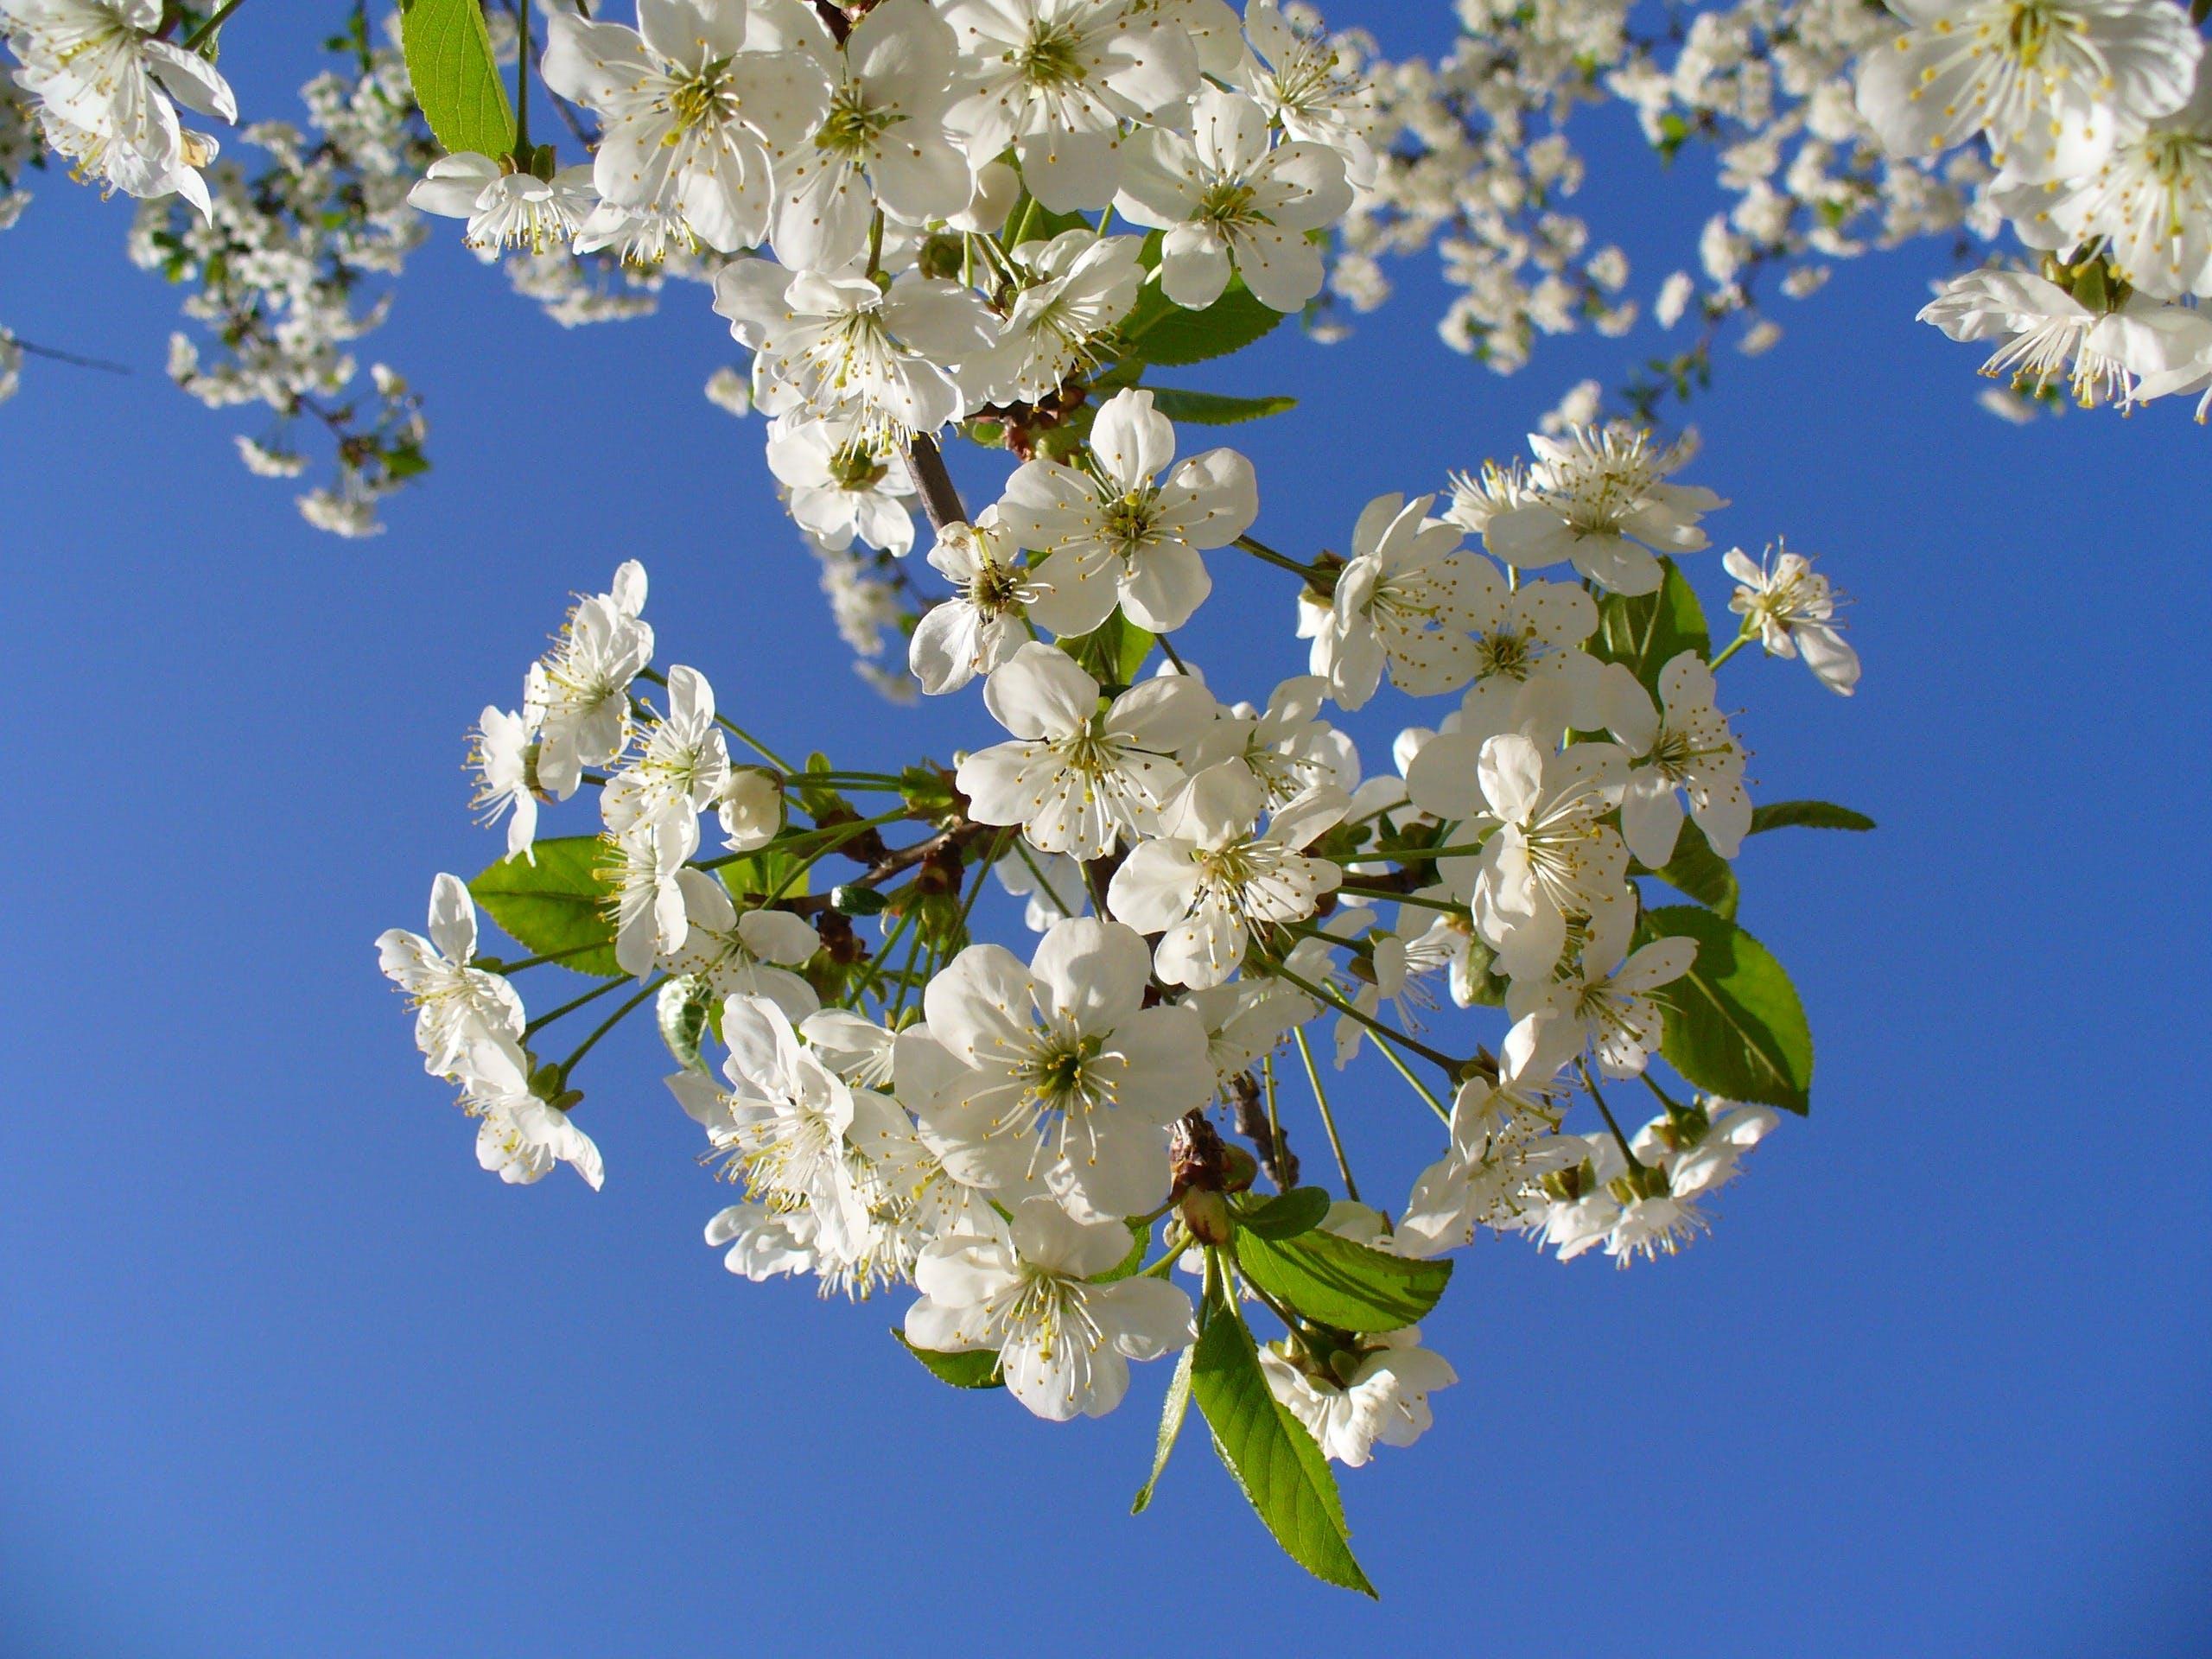 White Clustered Flower